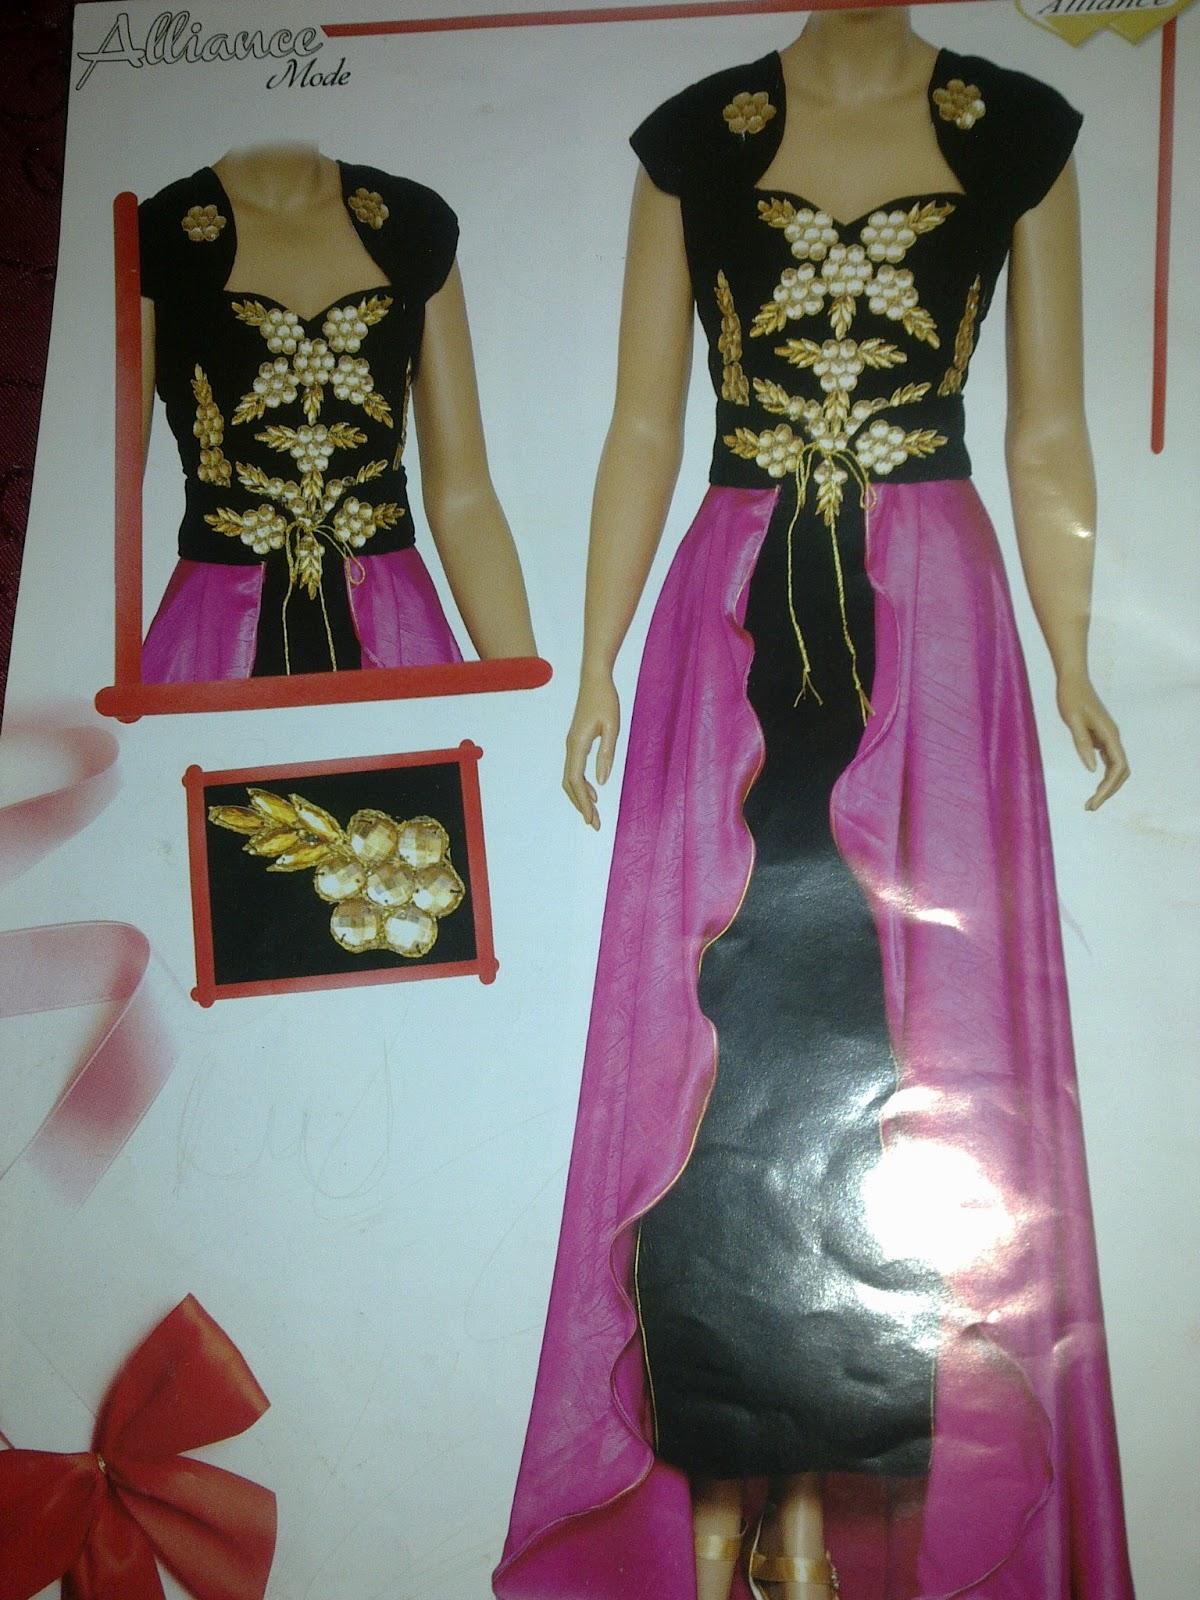 احدث موديلات قنادر جزائرية صيف من مجلات الخياطة الجزائرية 2013 للصيف 02072011841